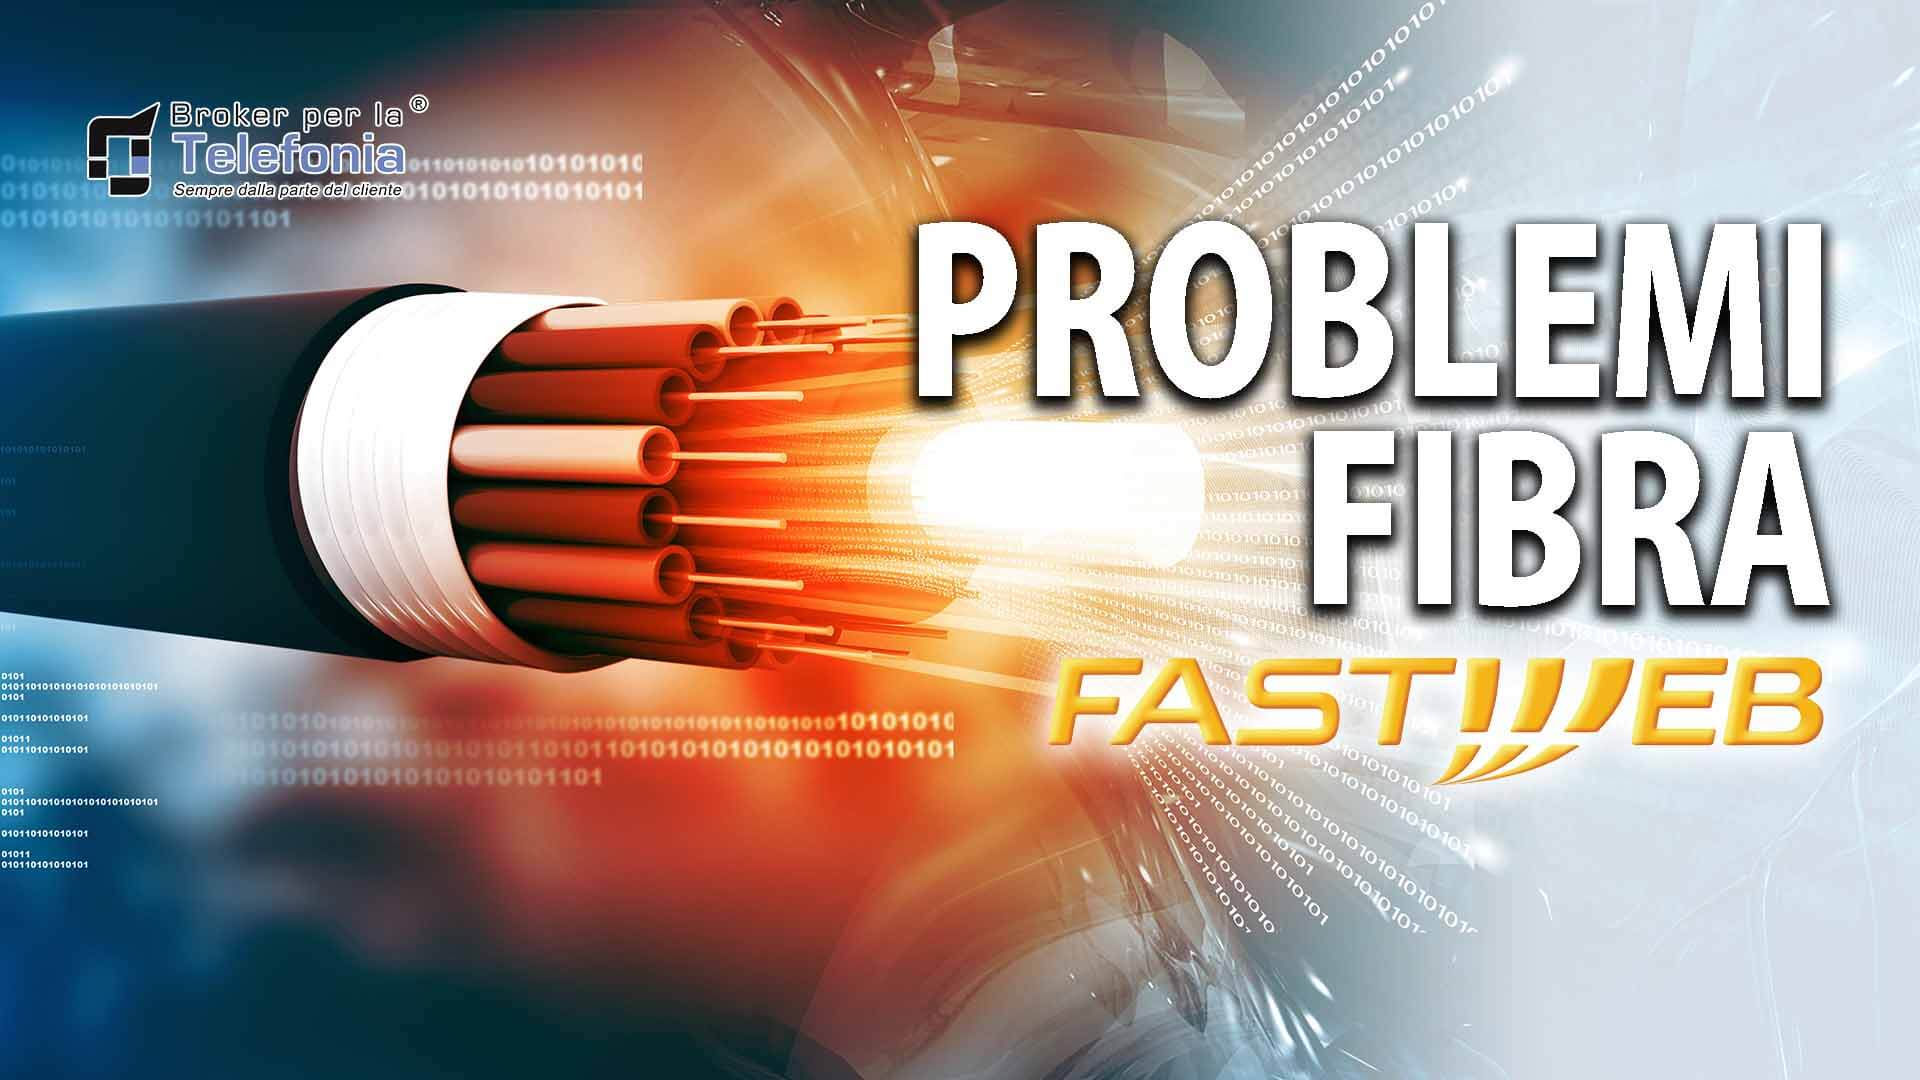 Problemi fibra fastweb